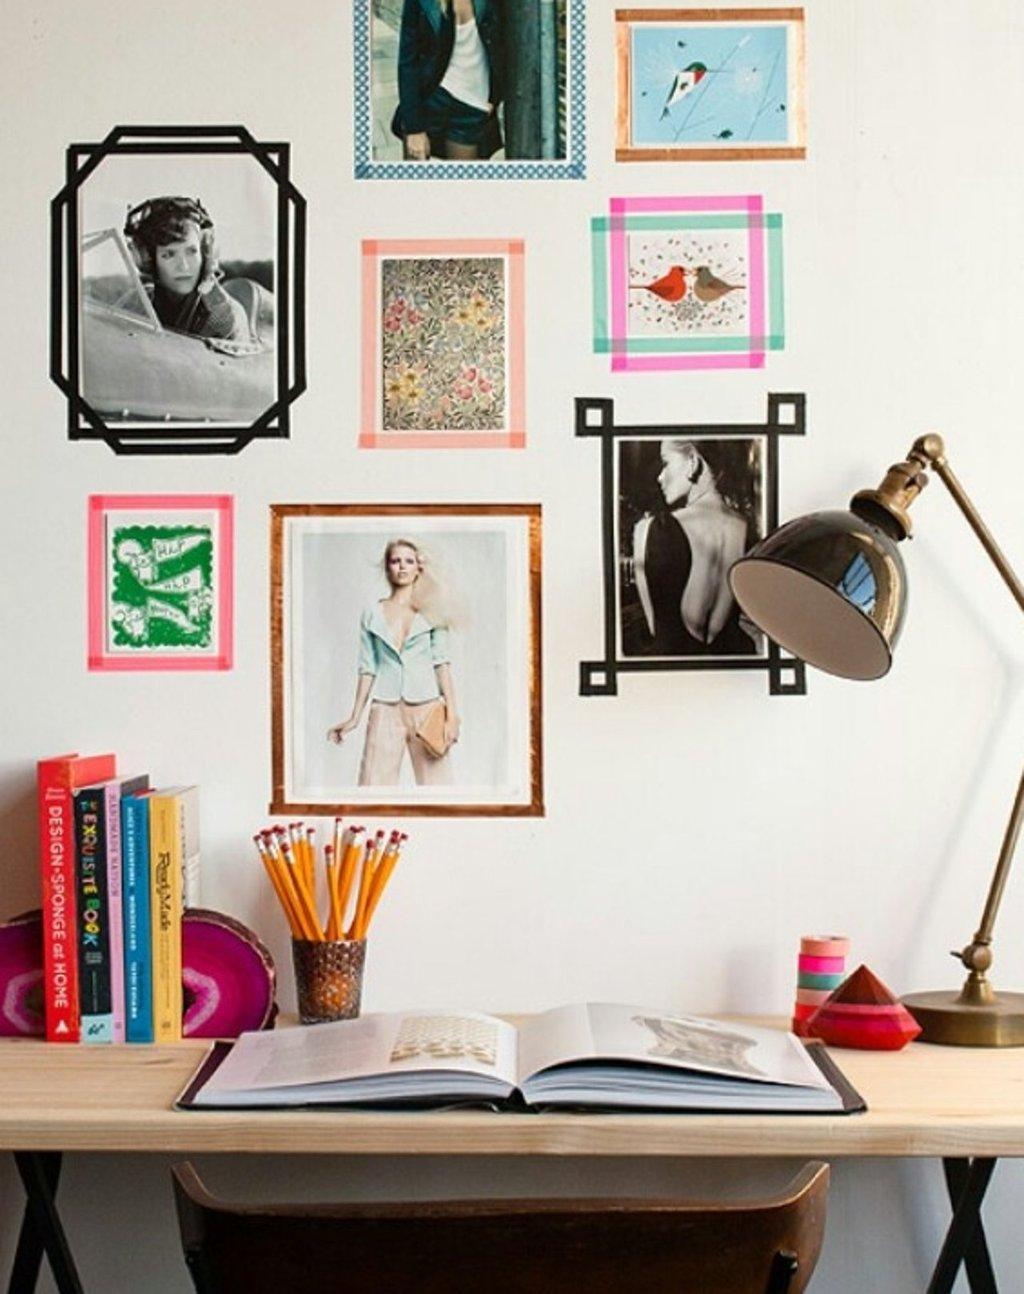 enmarca tus fotografas con cinta adhesiva de colores